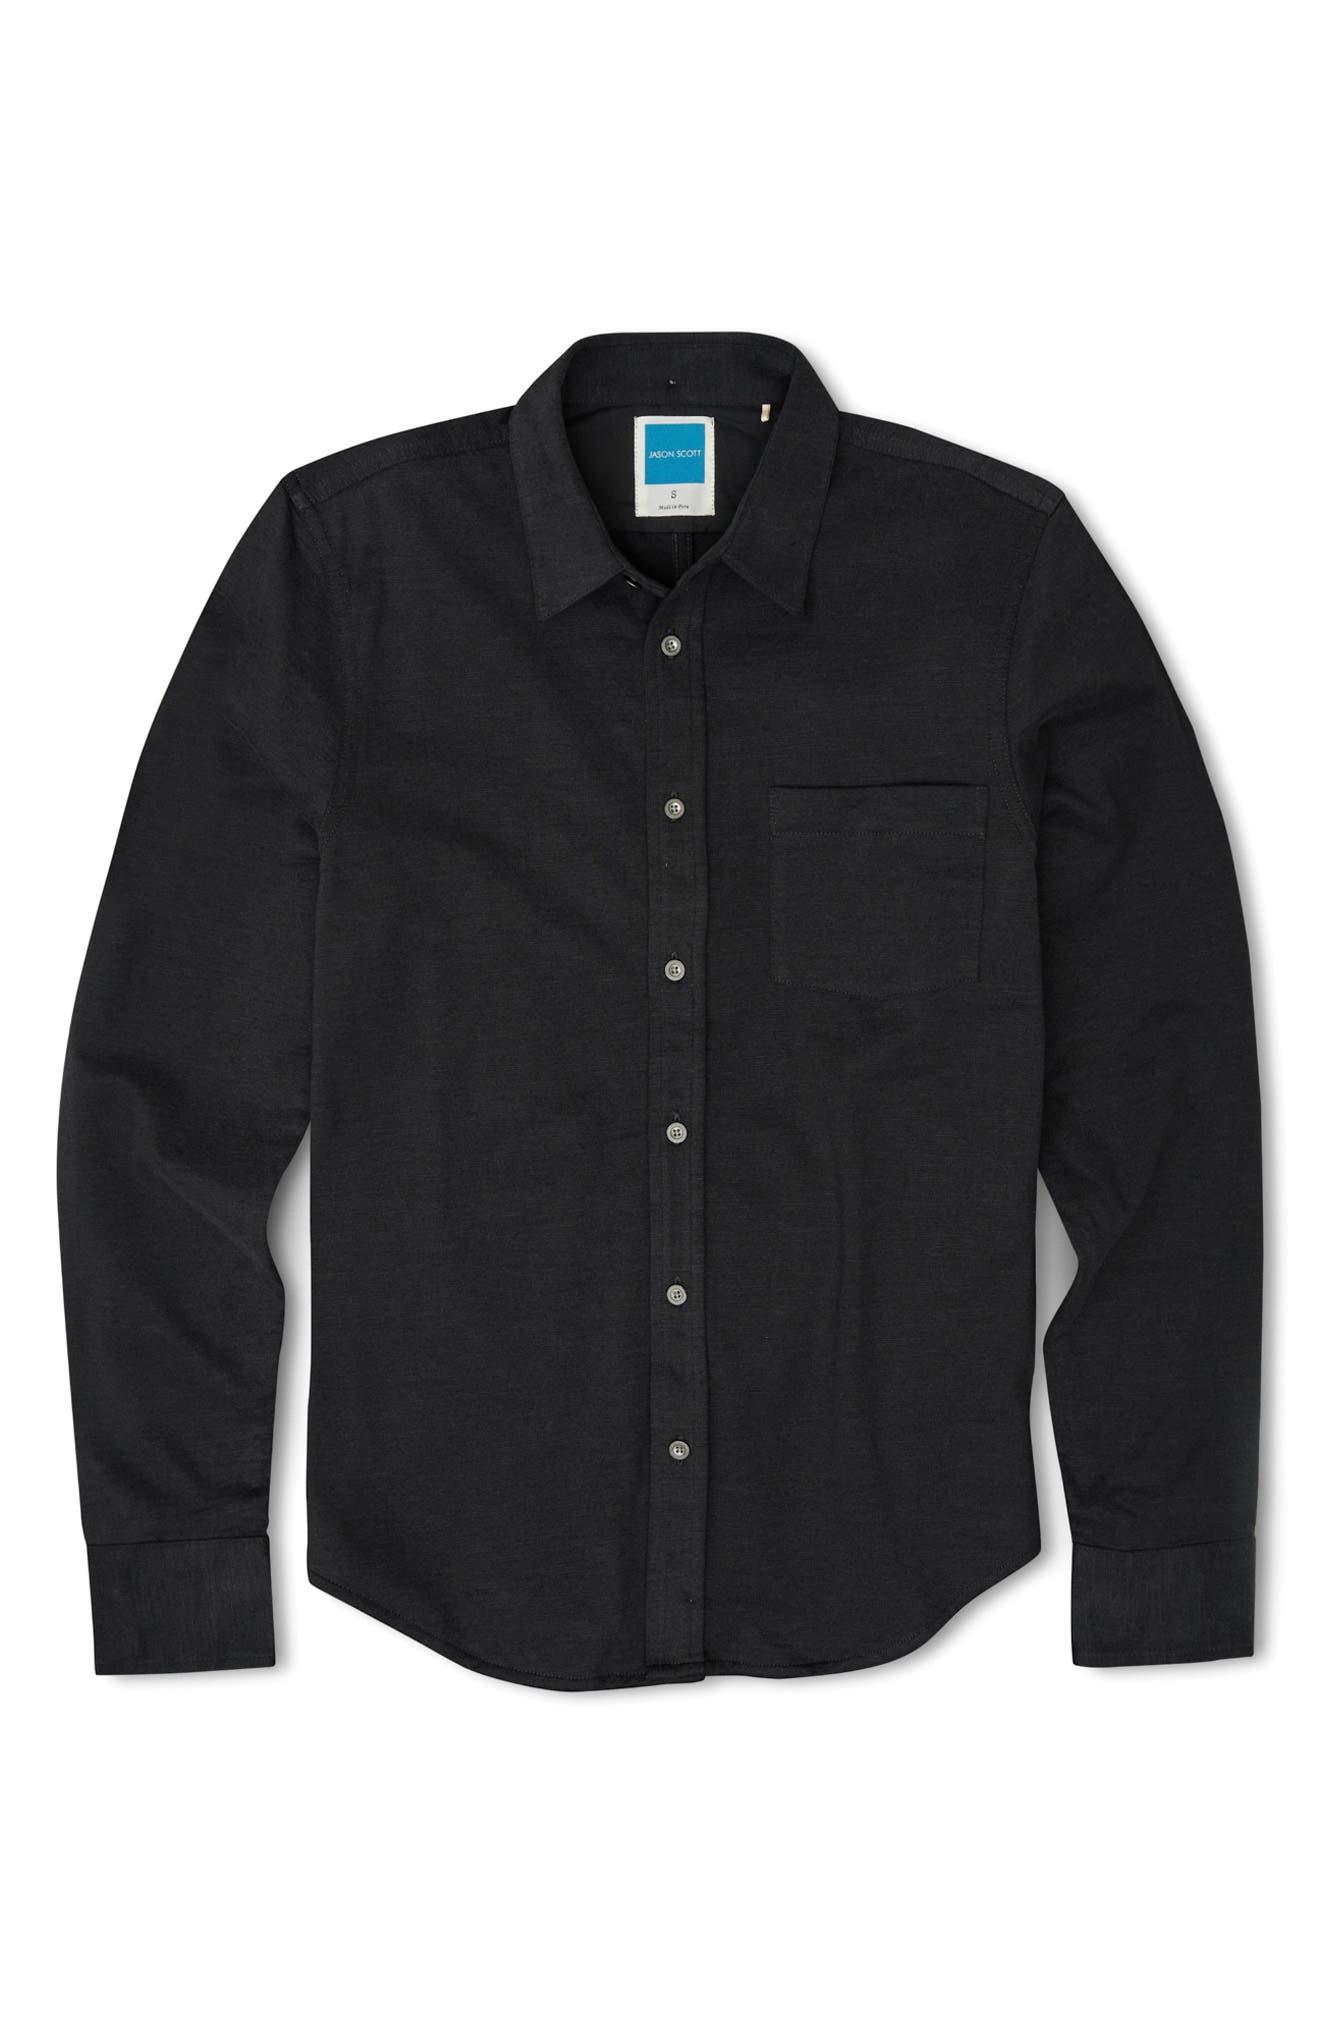 Jason Scott Wilson Regular Fit Button-Up Shirt